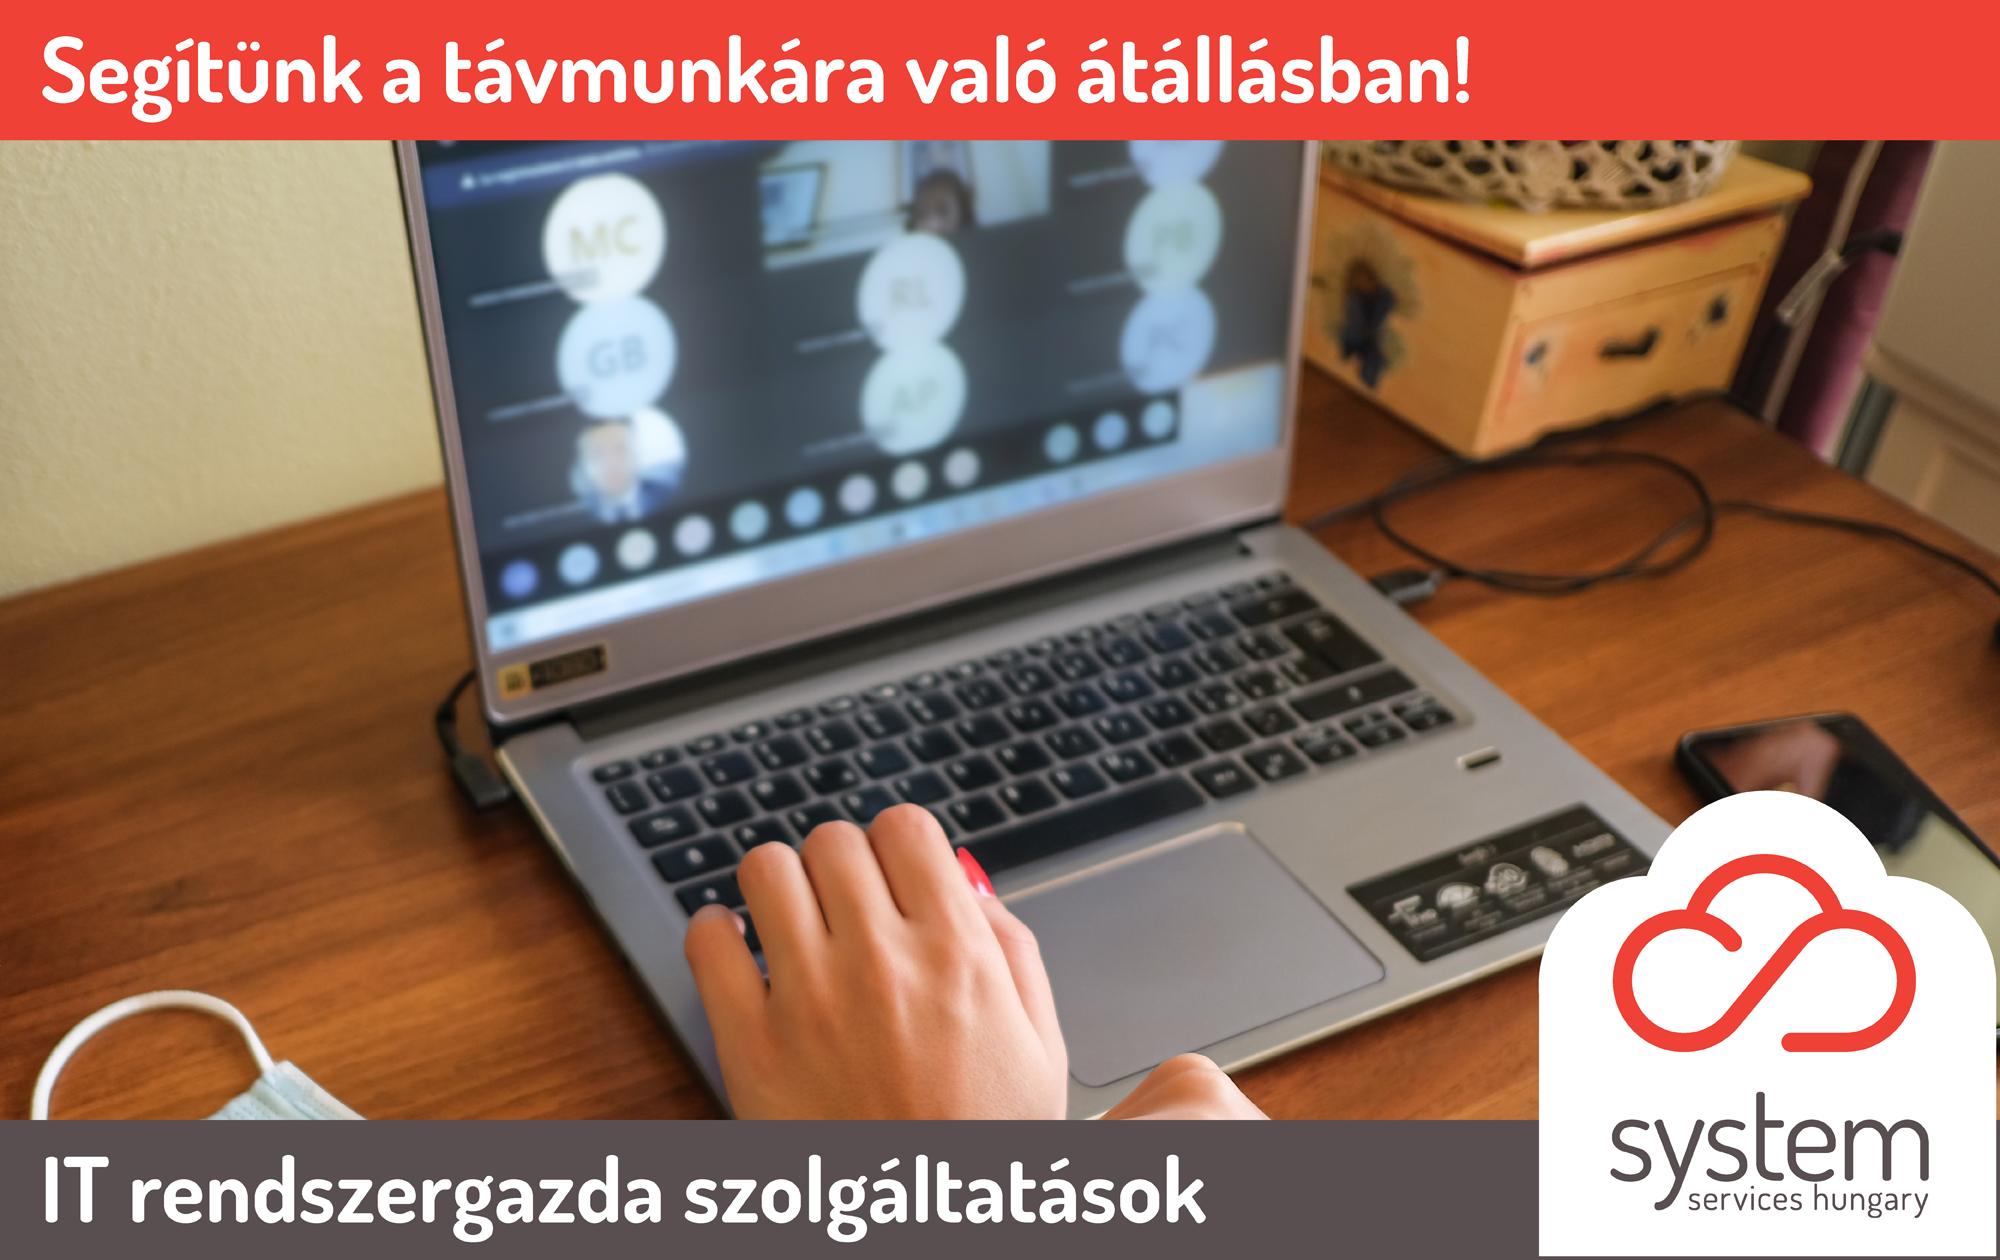 Online otthoni munkavégzés biztonságosan - az SSH - System Services Hungary szolgáltatása